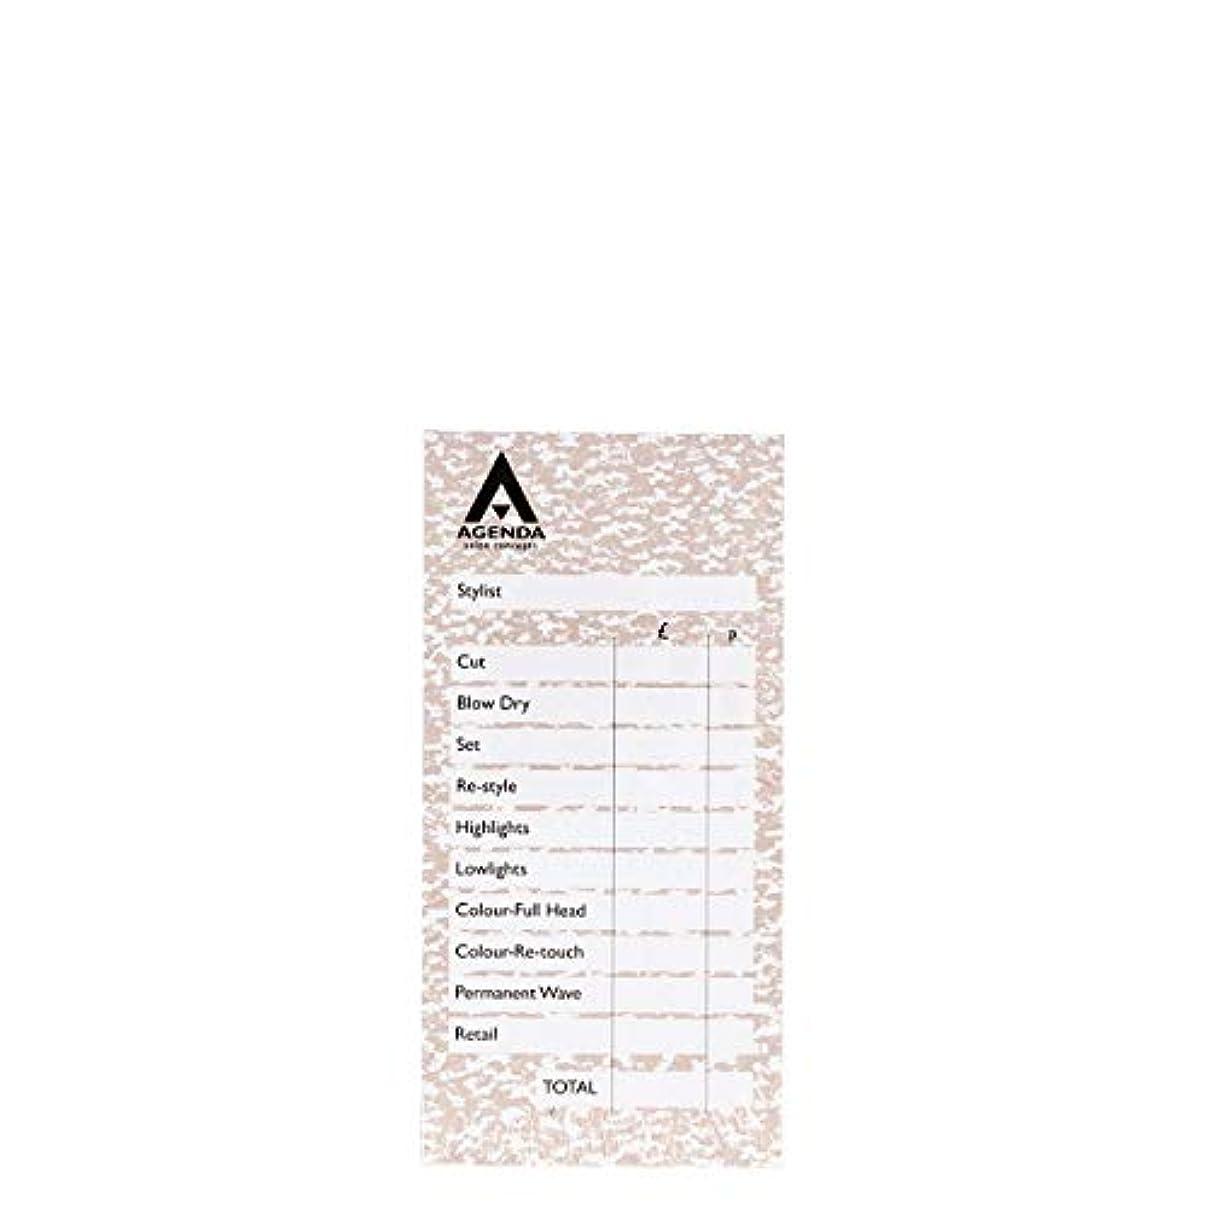 合理的タンカーペレットアジェンダ サロンコンセプト チェックパッドベージュ6x100リーフ[海外直送品] [並行輸入品]